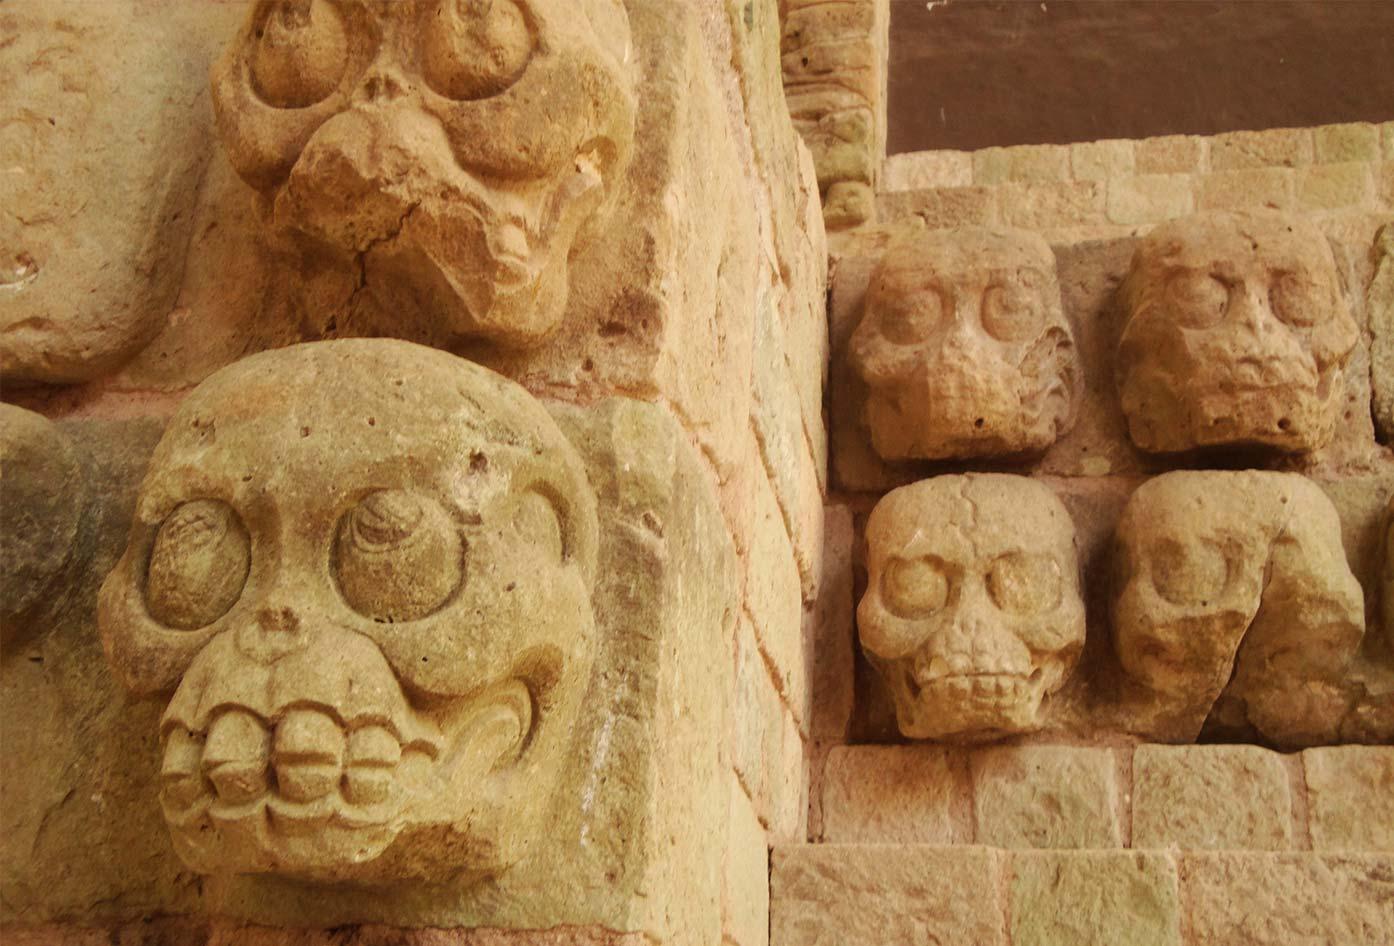 mayan artefacts honduras